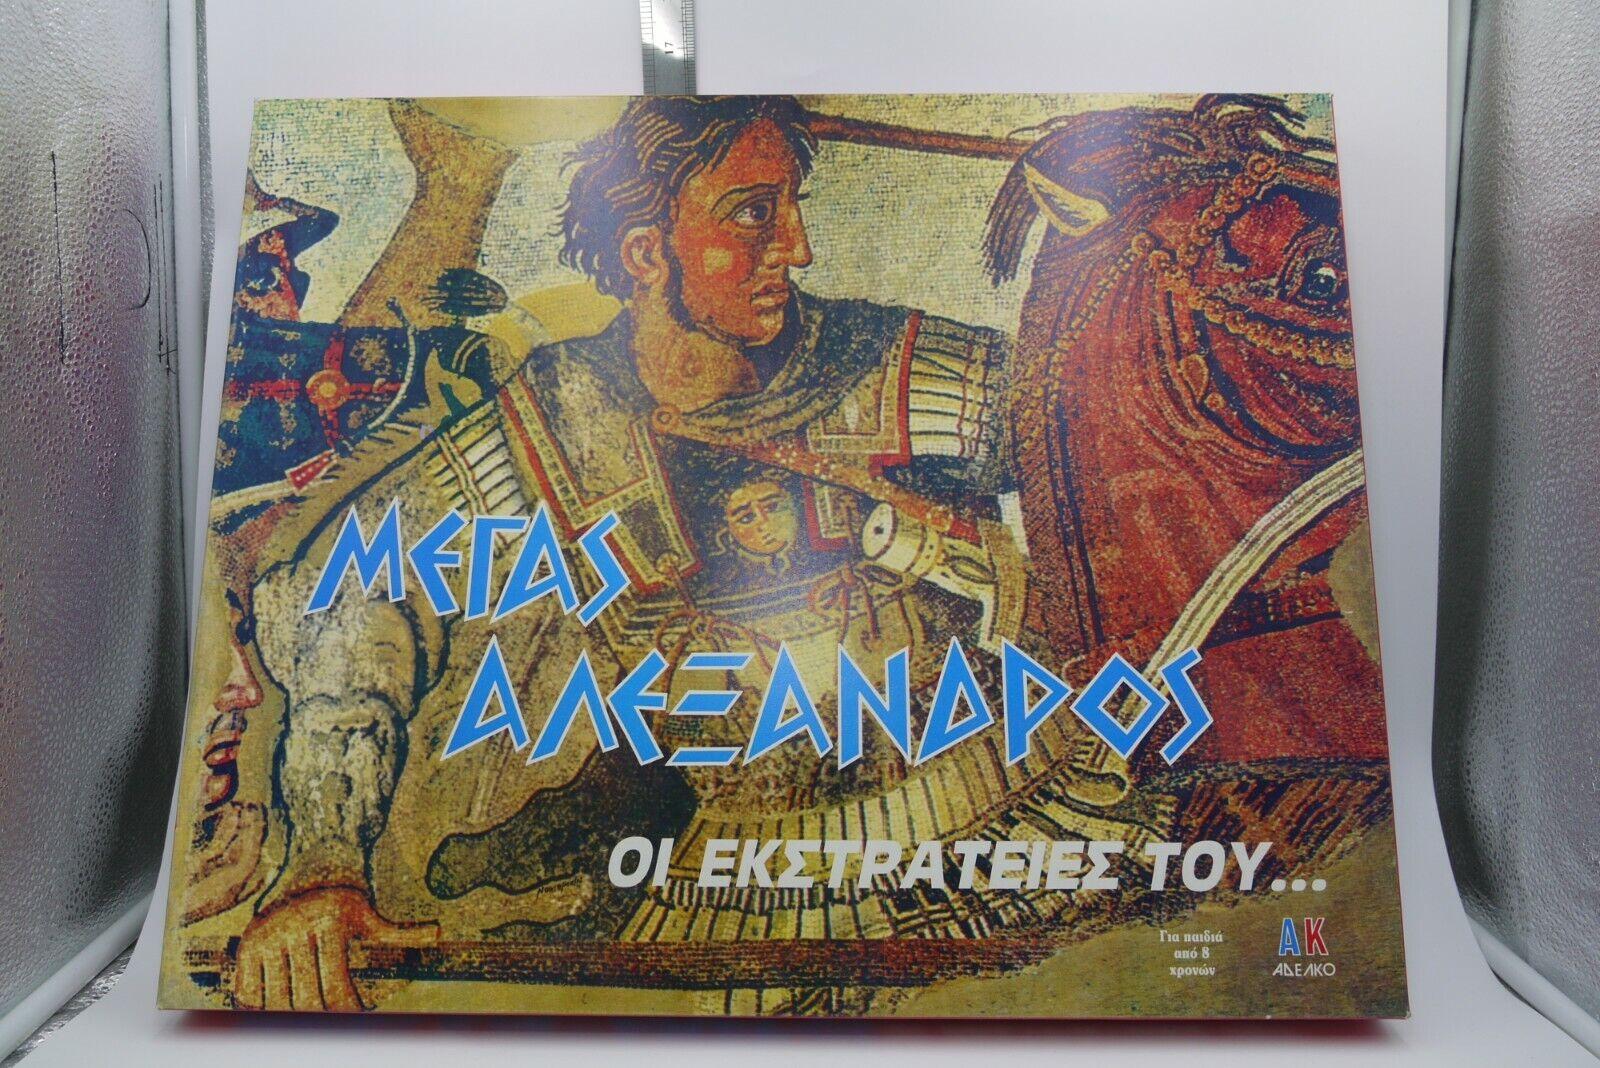 Vintage années 80 Alexandre le Grand grecque Board Game adelko complet